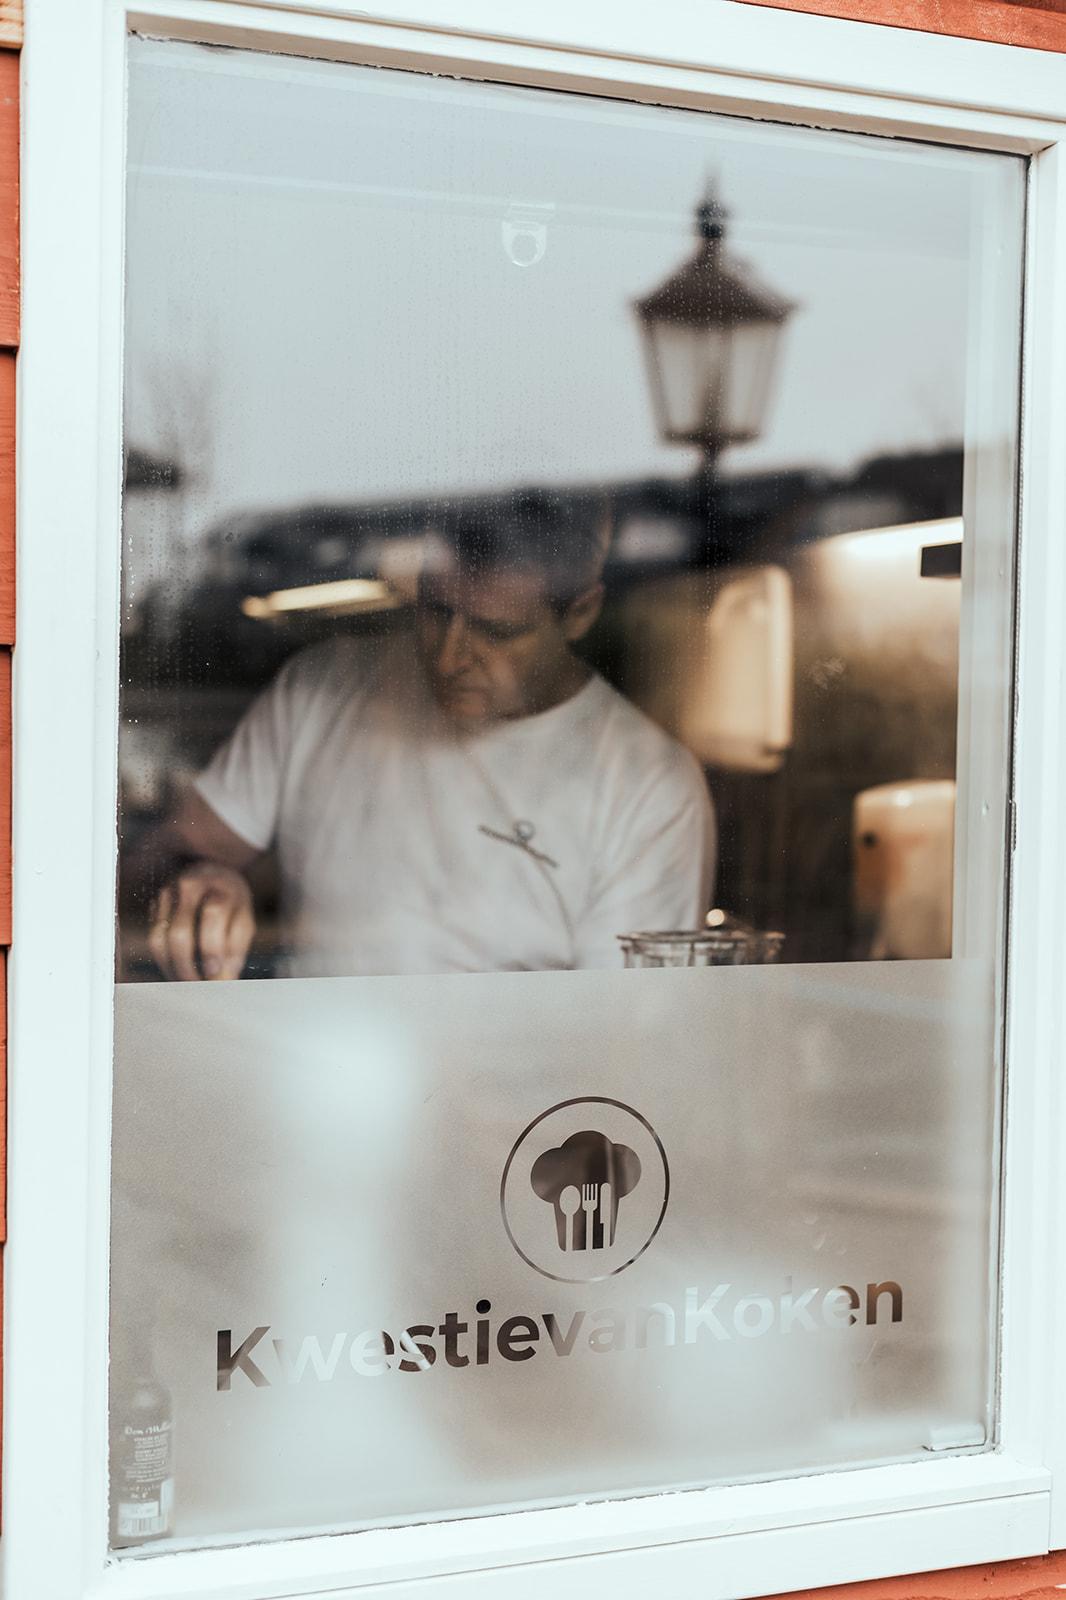 Kwestie van koken - Andre Mensink